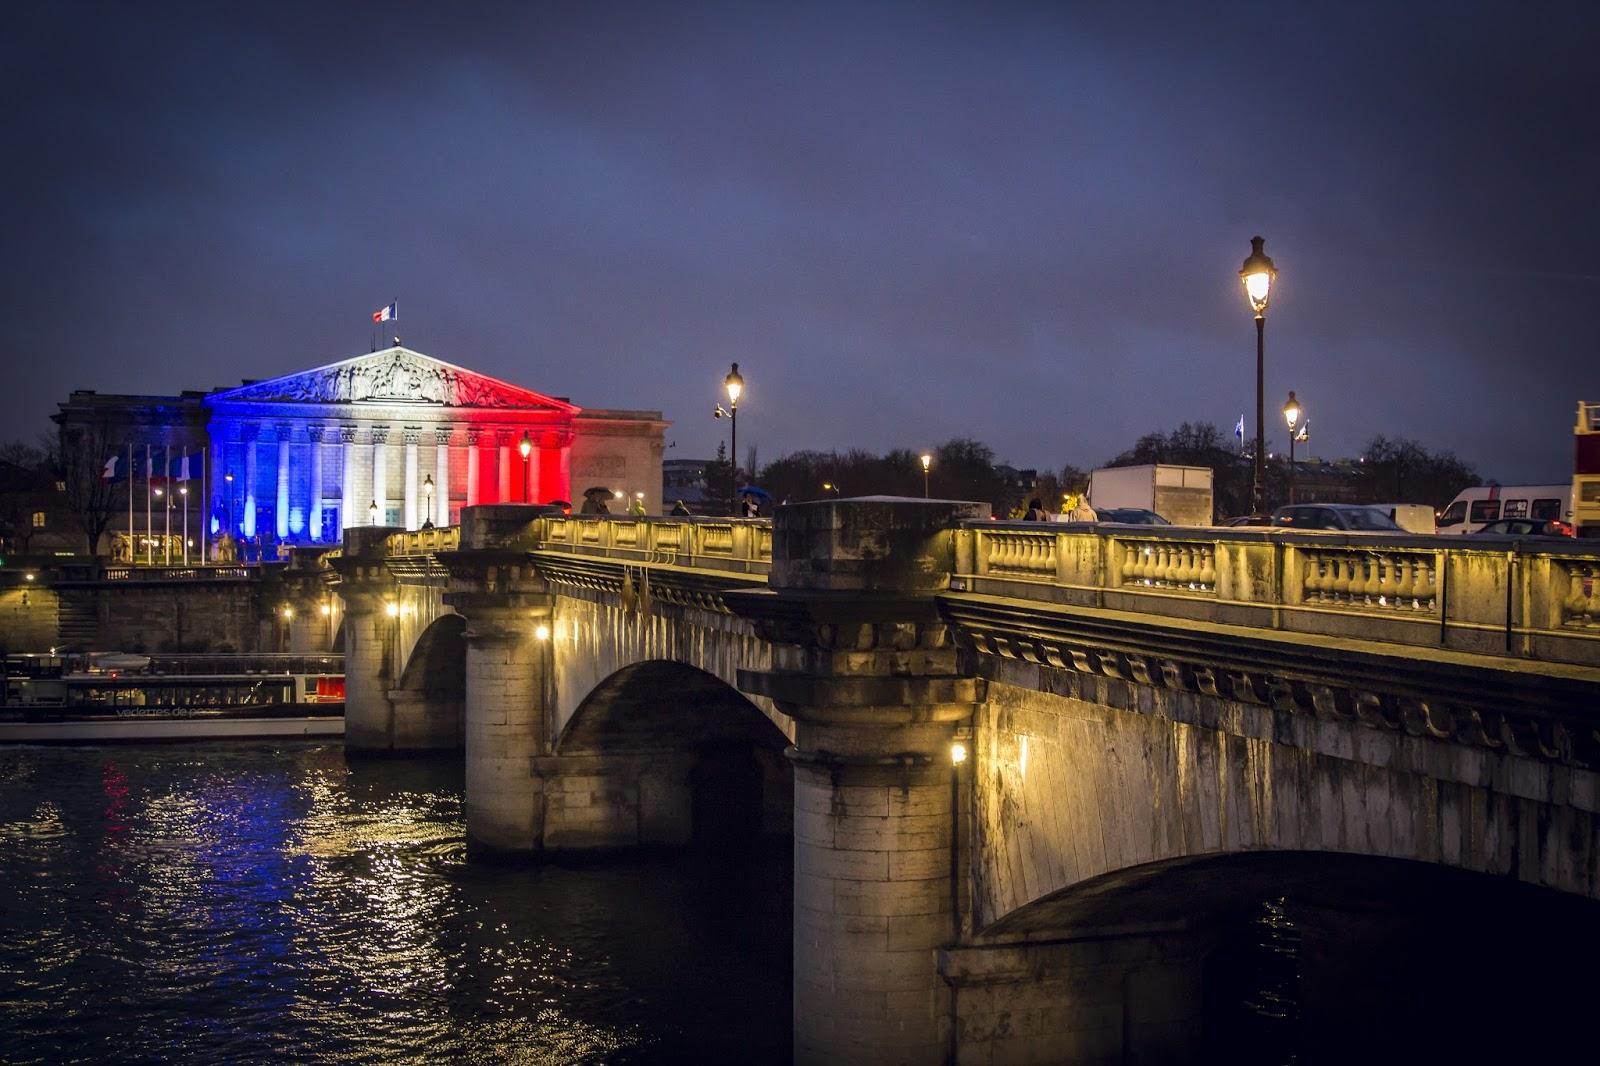 اجمل واروع خمس مدن فرنسيه يجب زيارتها